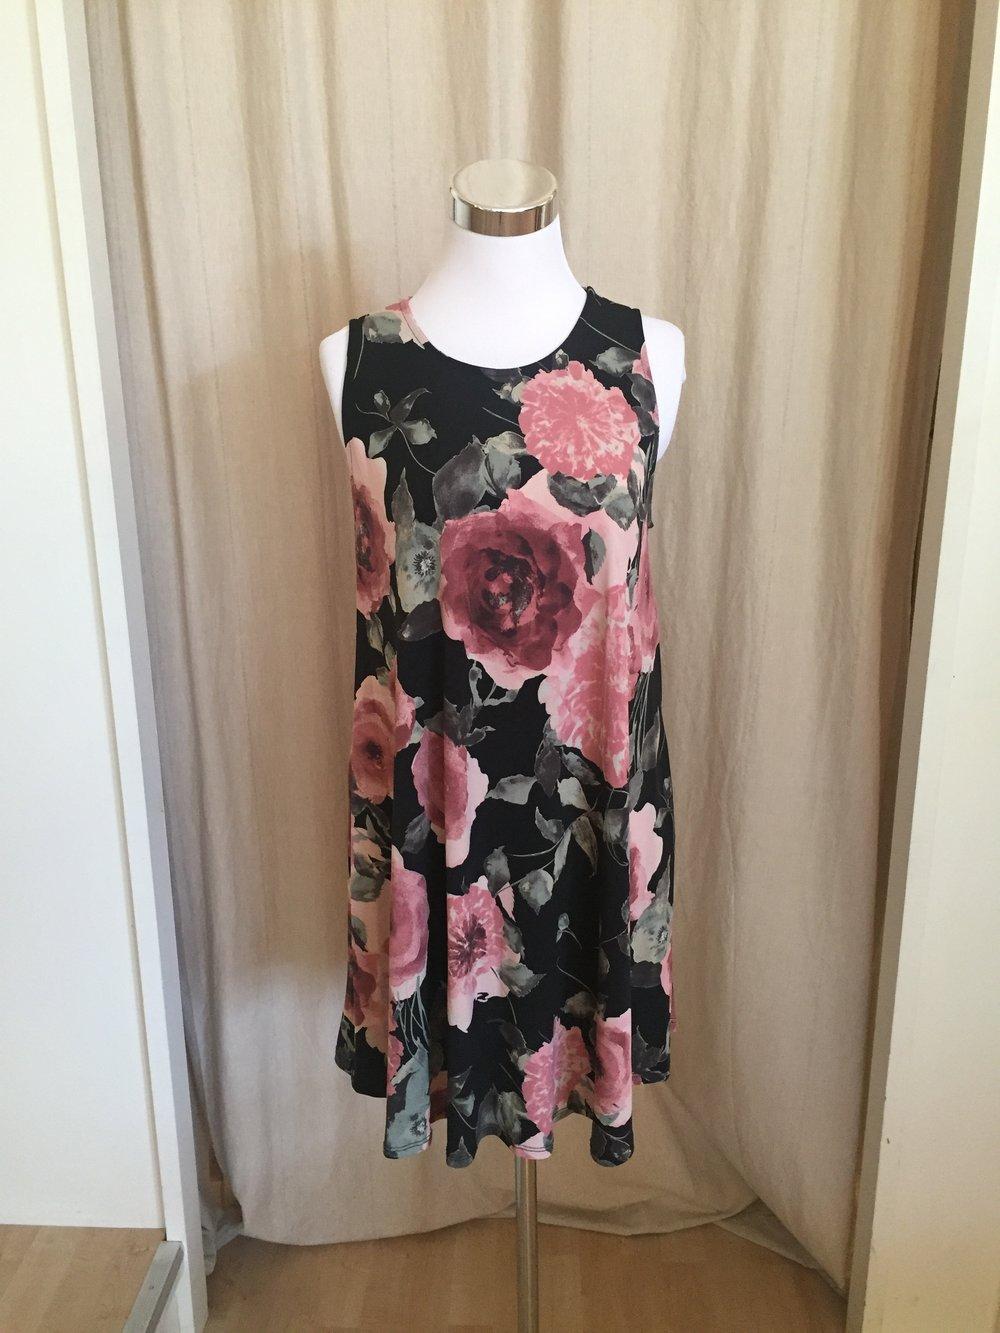 Rosey A-Line Dress, $38